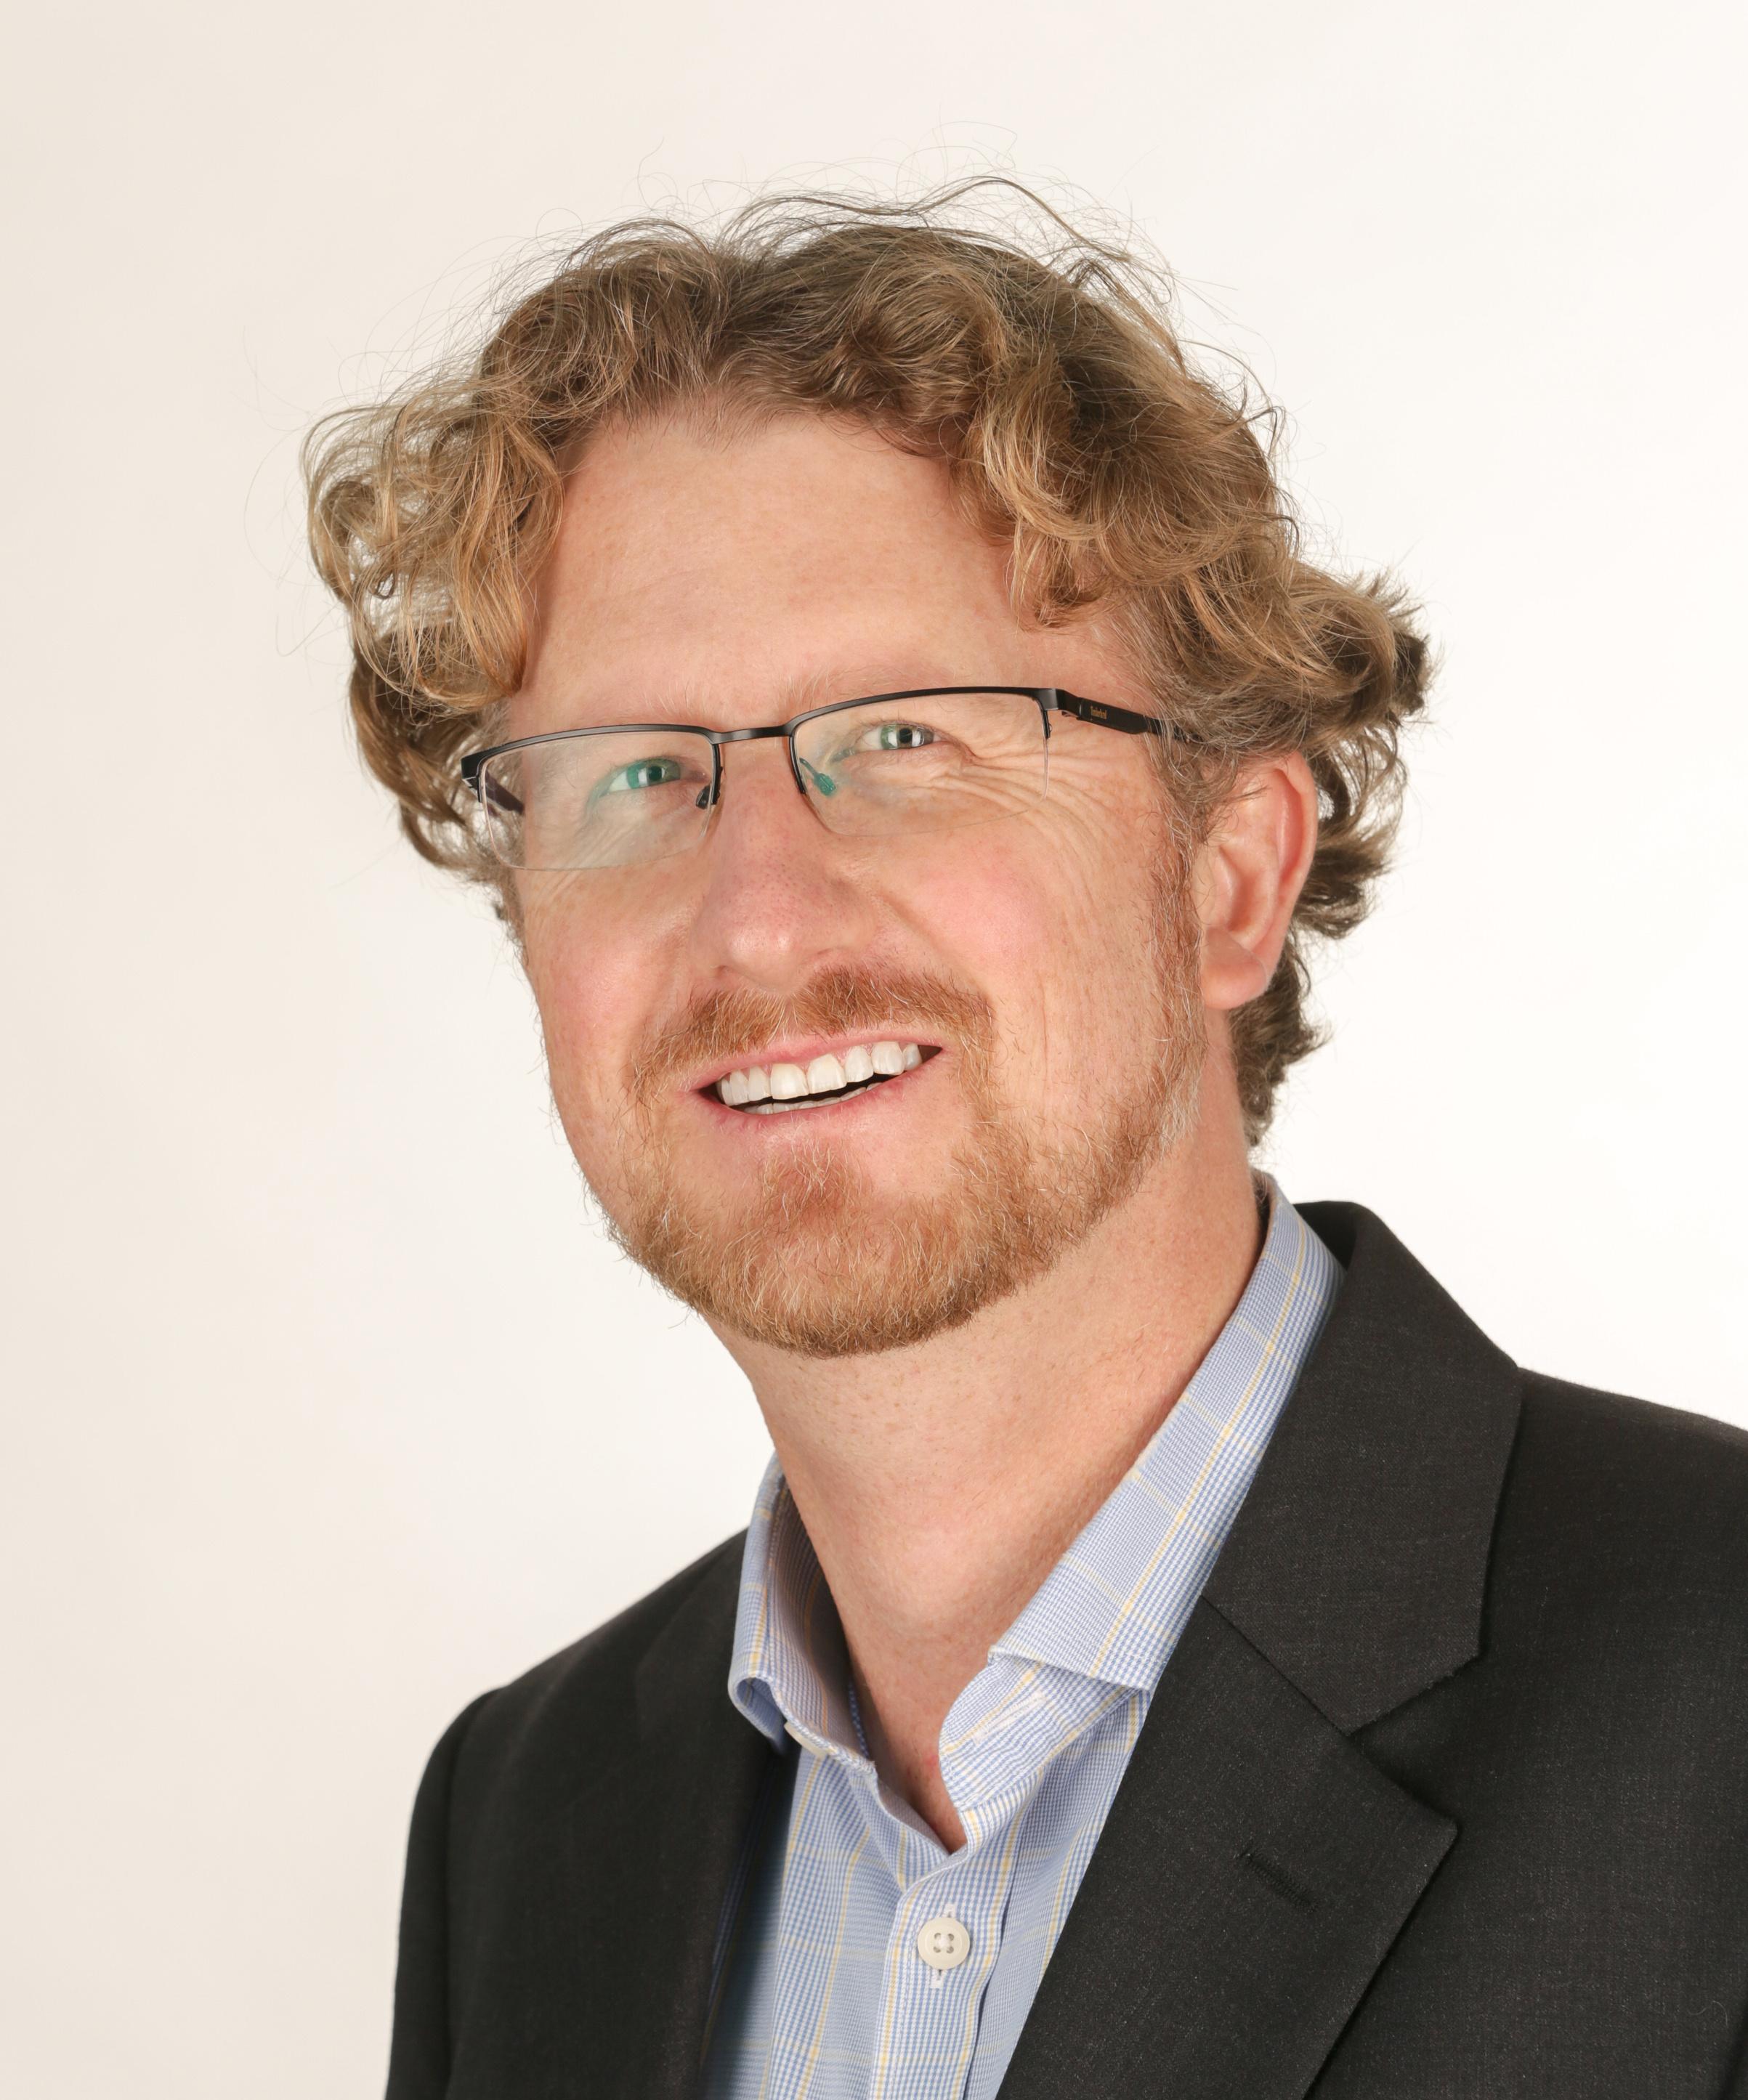 Mark Thyer